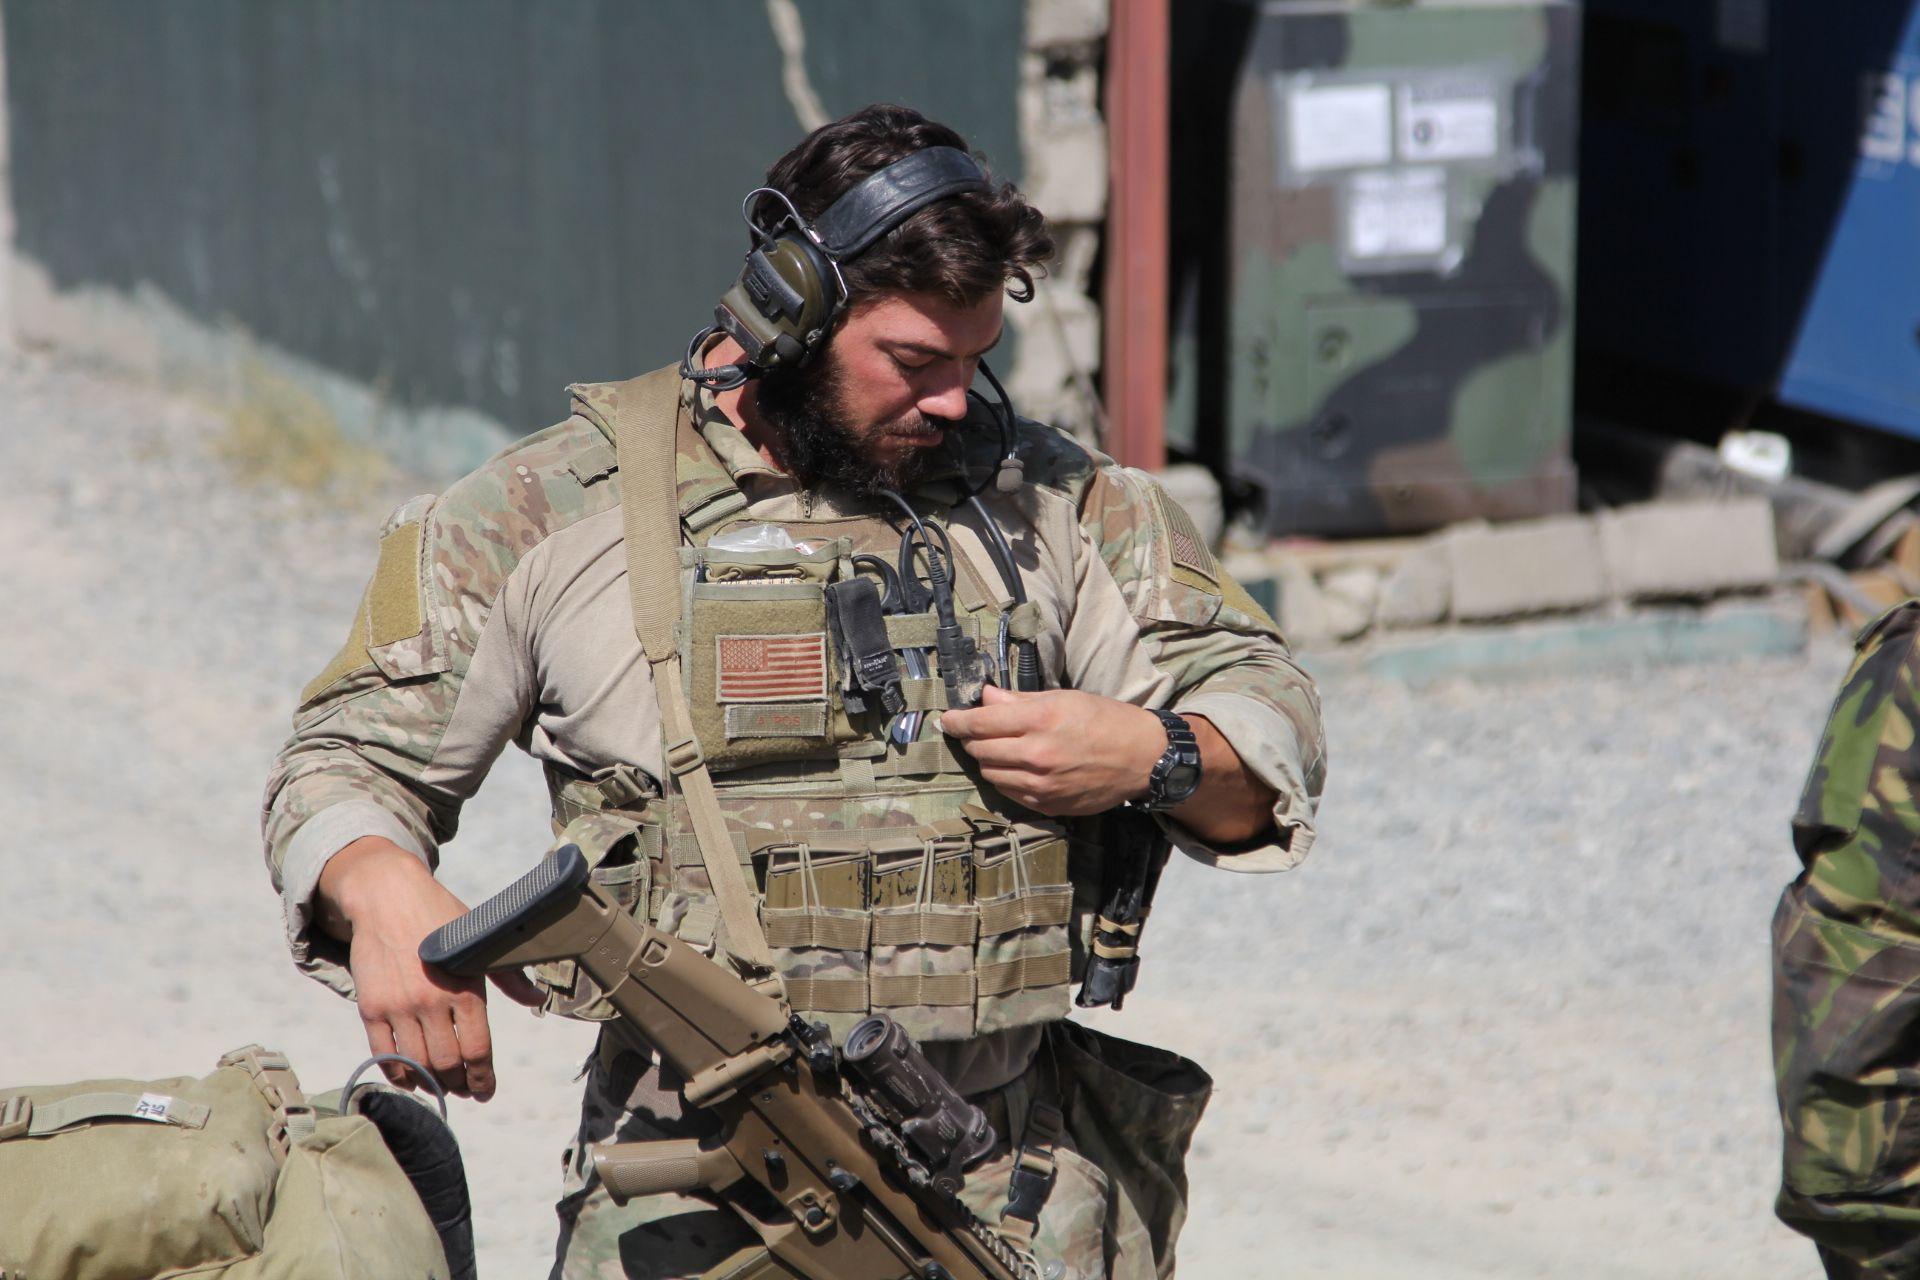 Байден не заканчивает войну в Афганистане, он приватизирует ее: спецназ, контрактники Пентагона и разведчики останутся